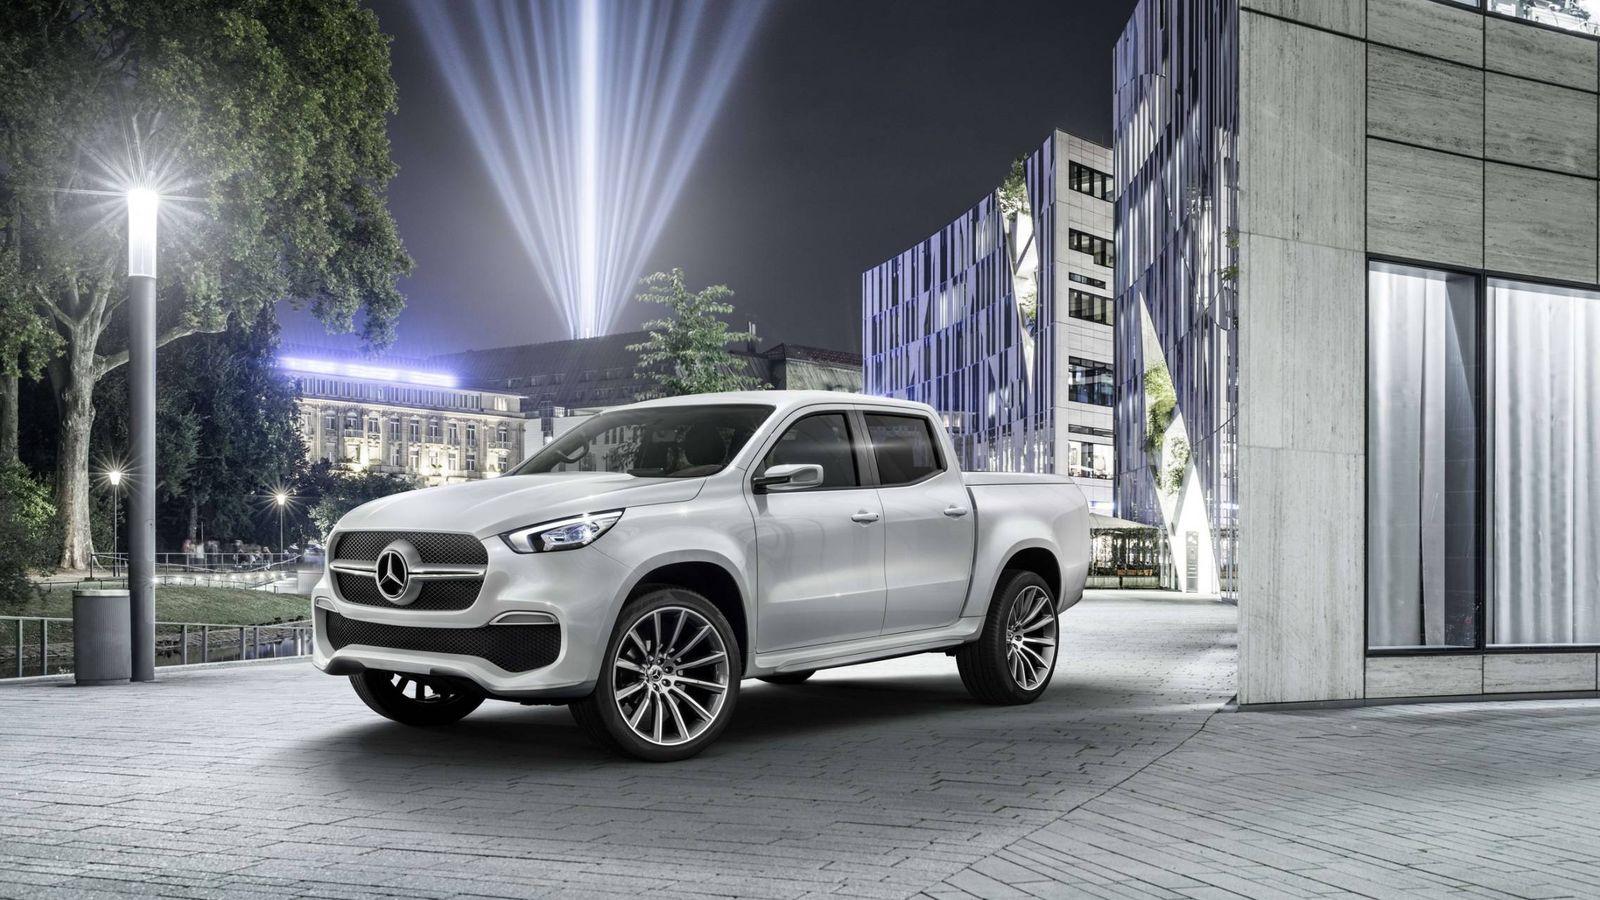 Foto: Mercedes Clase X, un pick-up de gama alta.